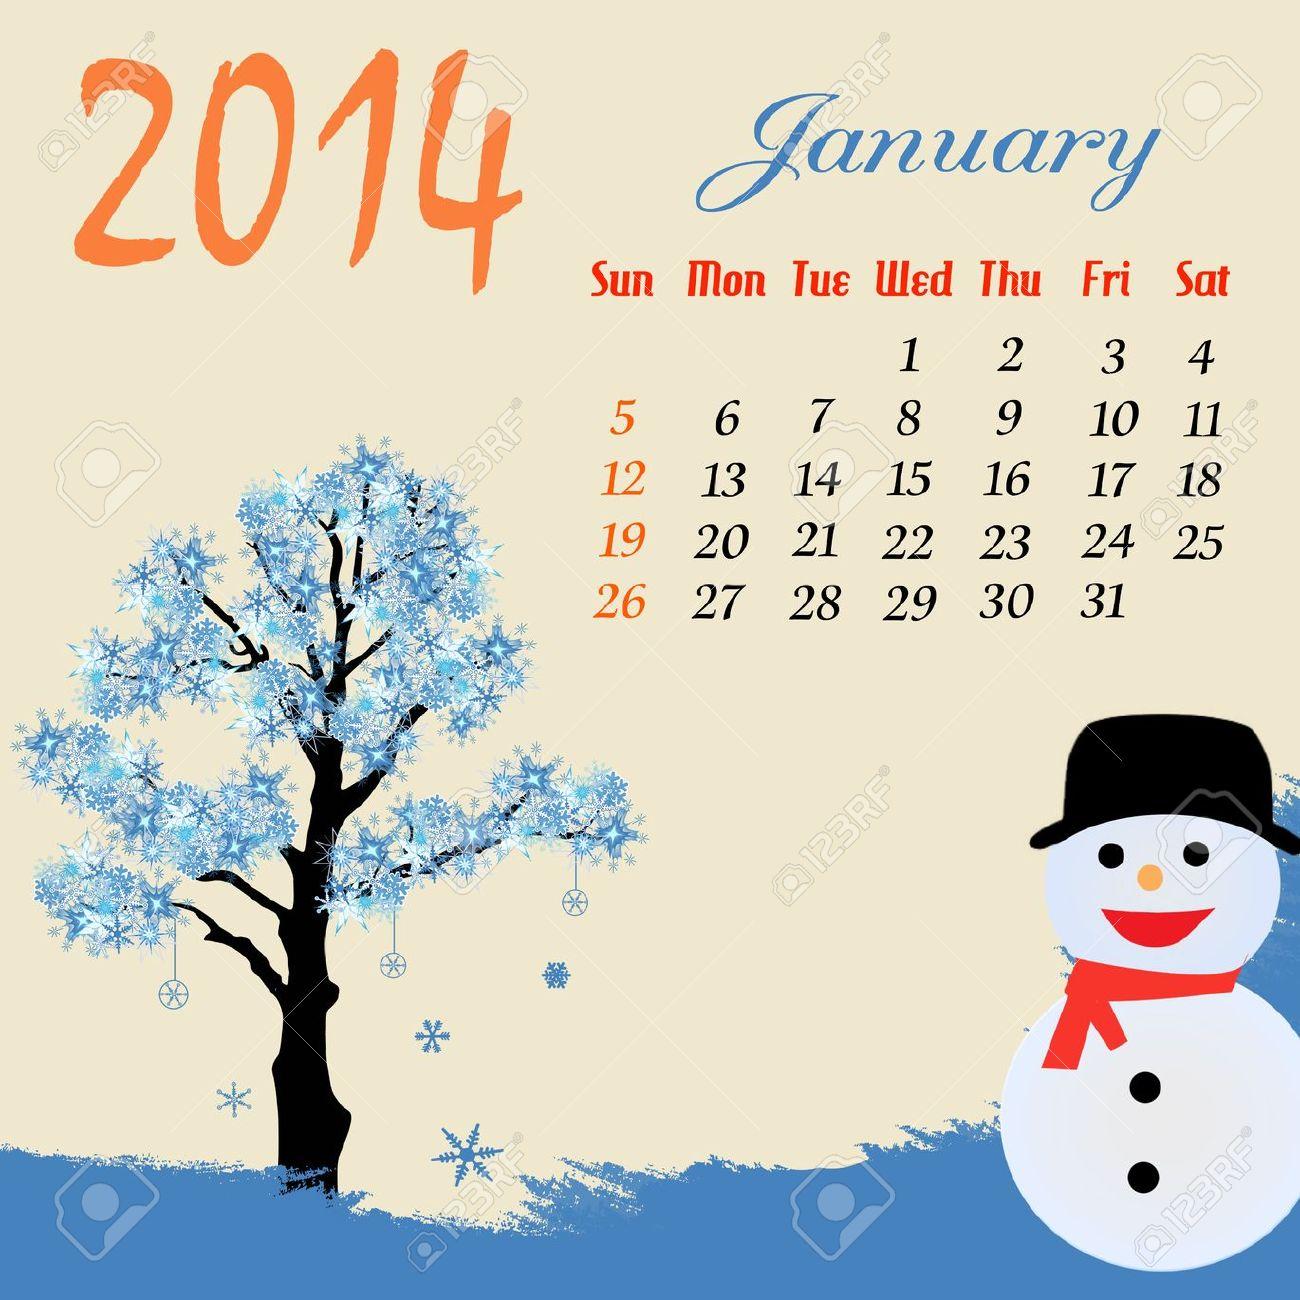 Calendar clipart winter Snowman And BBCpersian7 Winter snowman